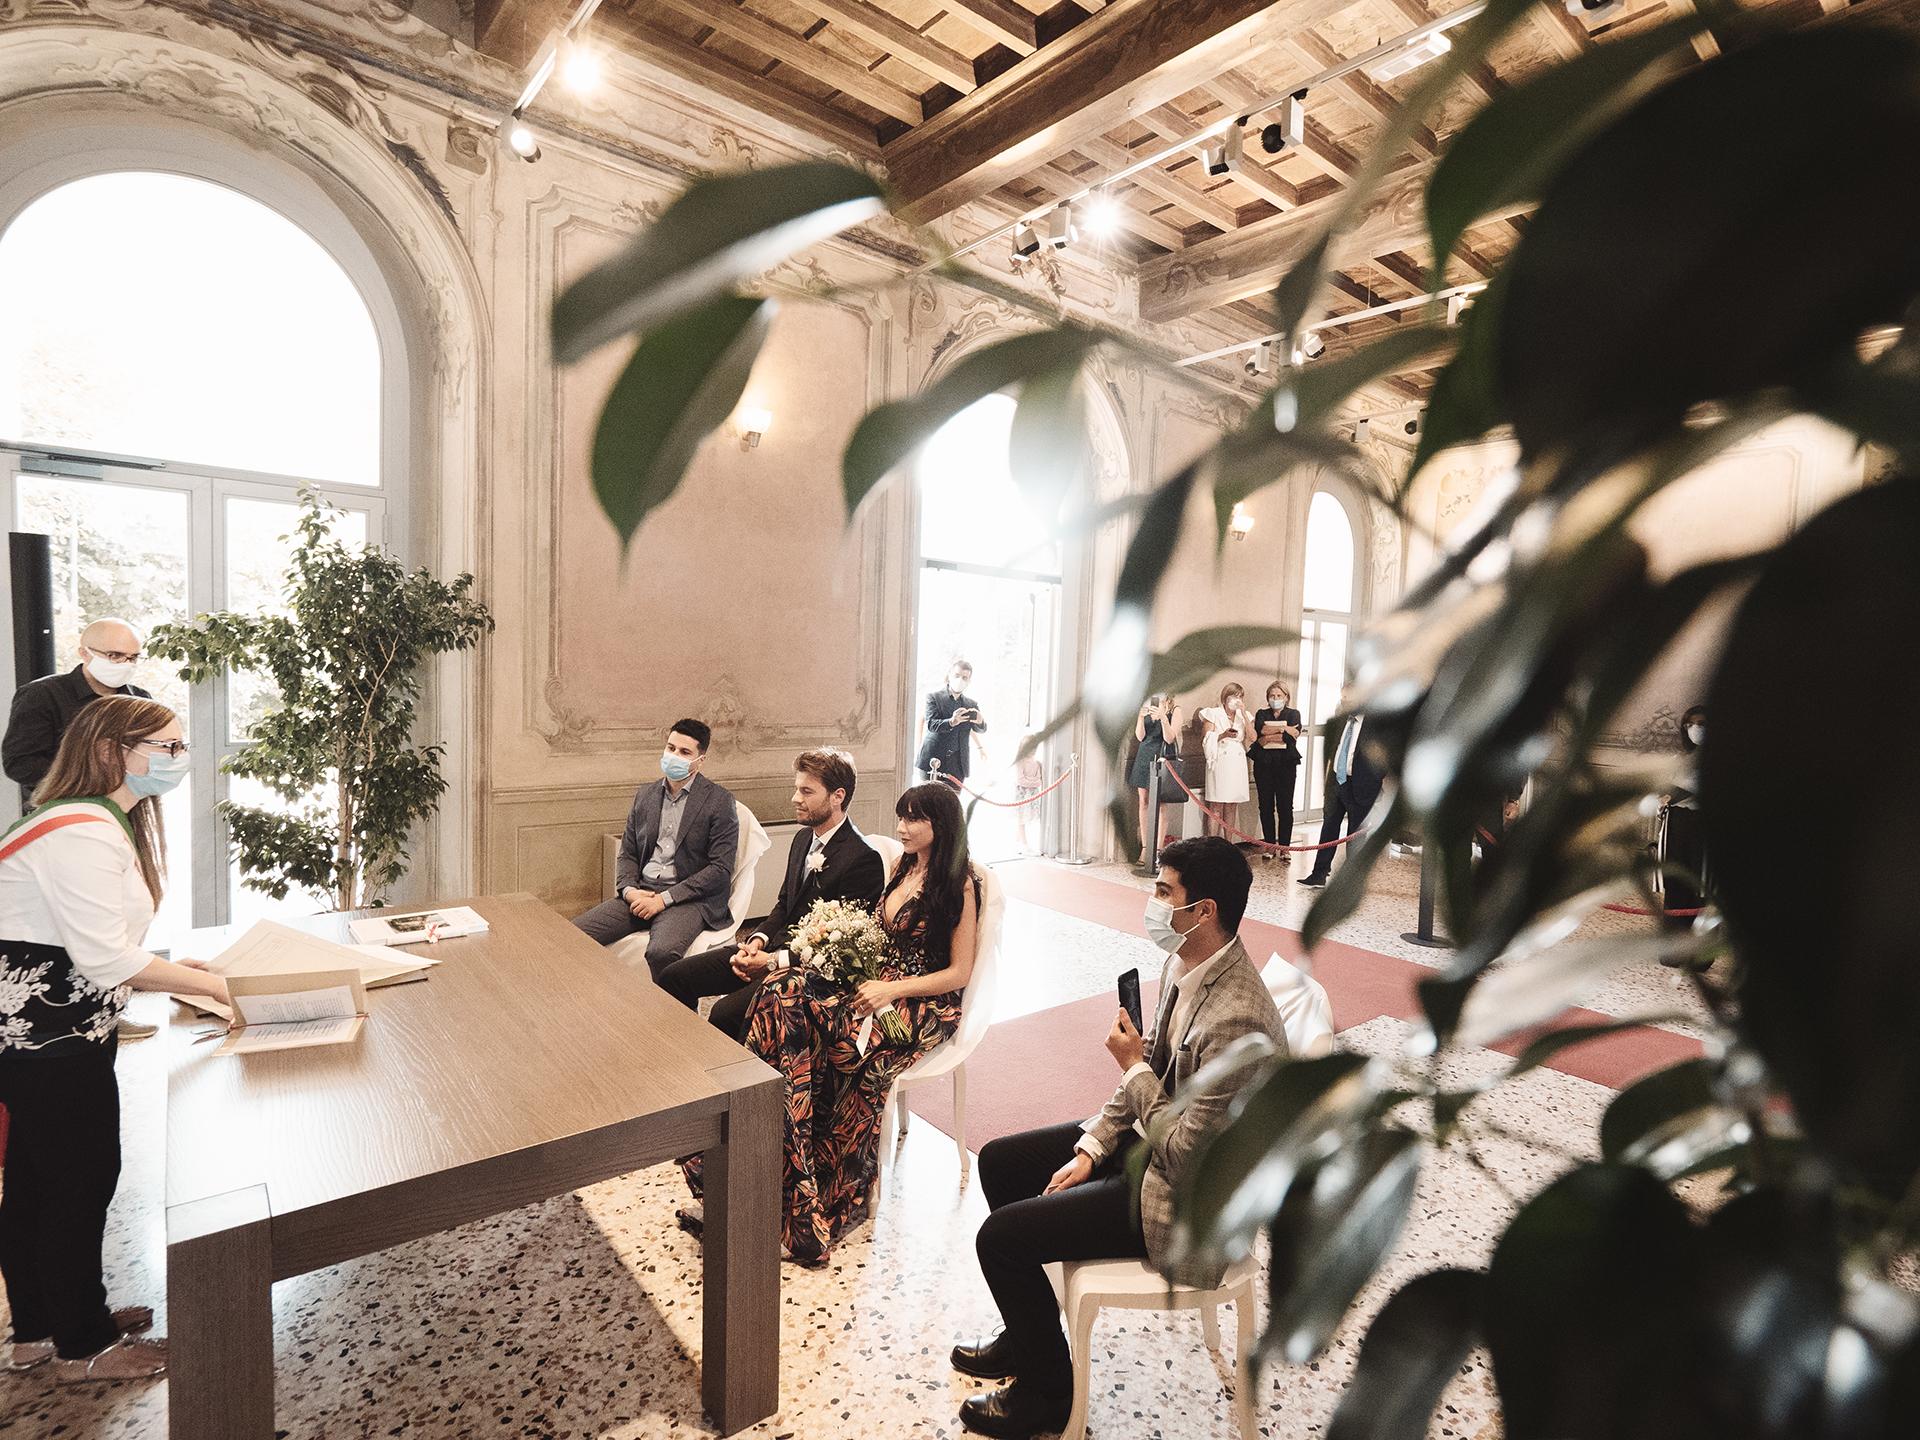 Villa Litta Modigliani Elopement Ceremony Zdjęcie | Drużba transmituje online ceremonię cywilną swoim telefonem komórkowym